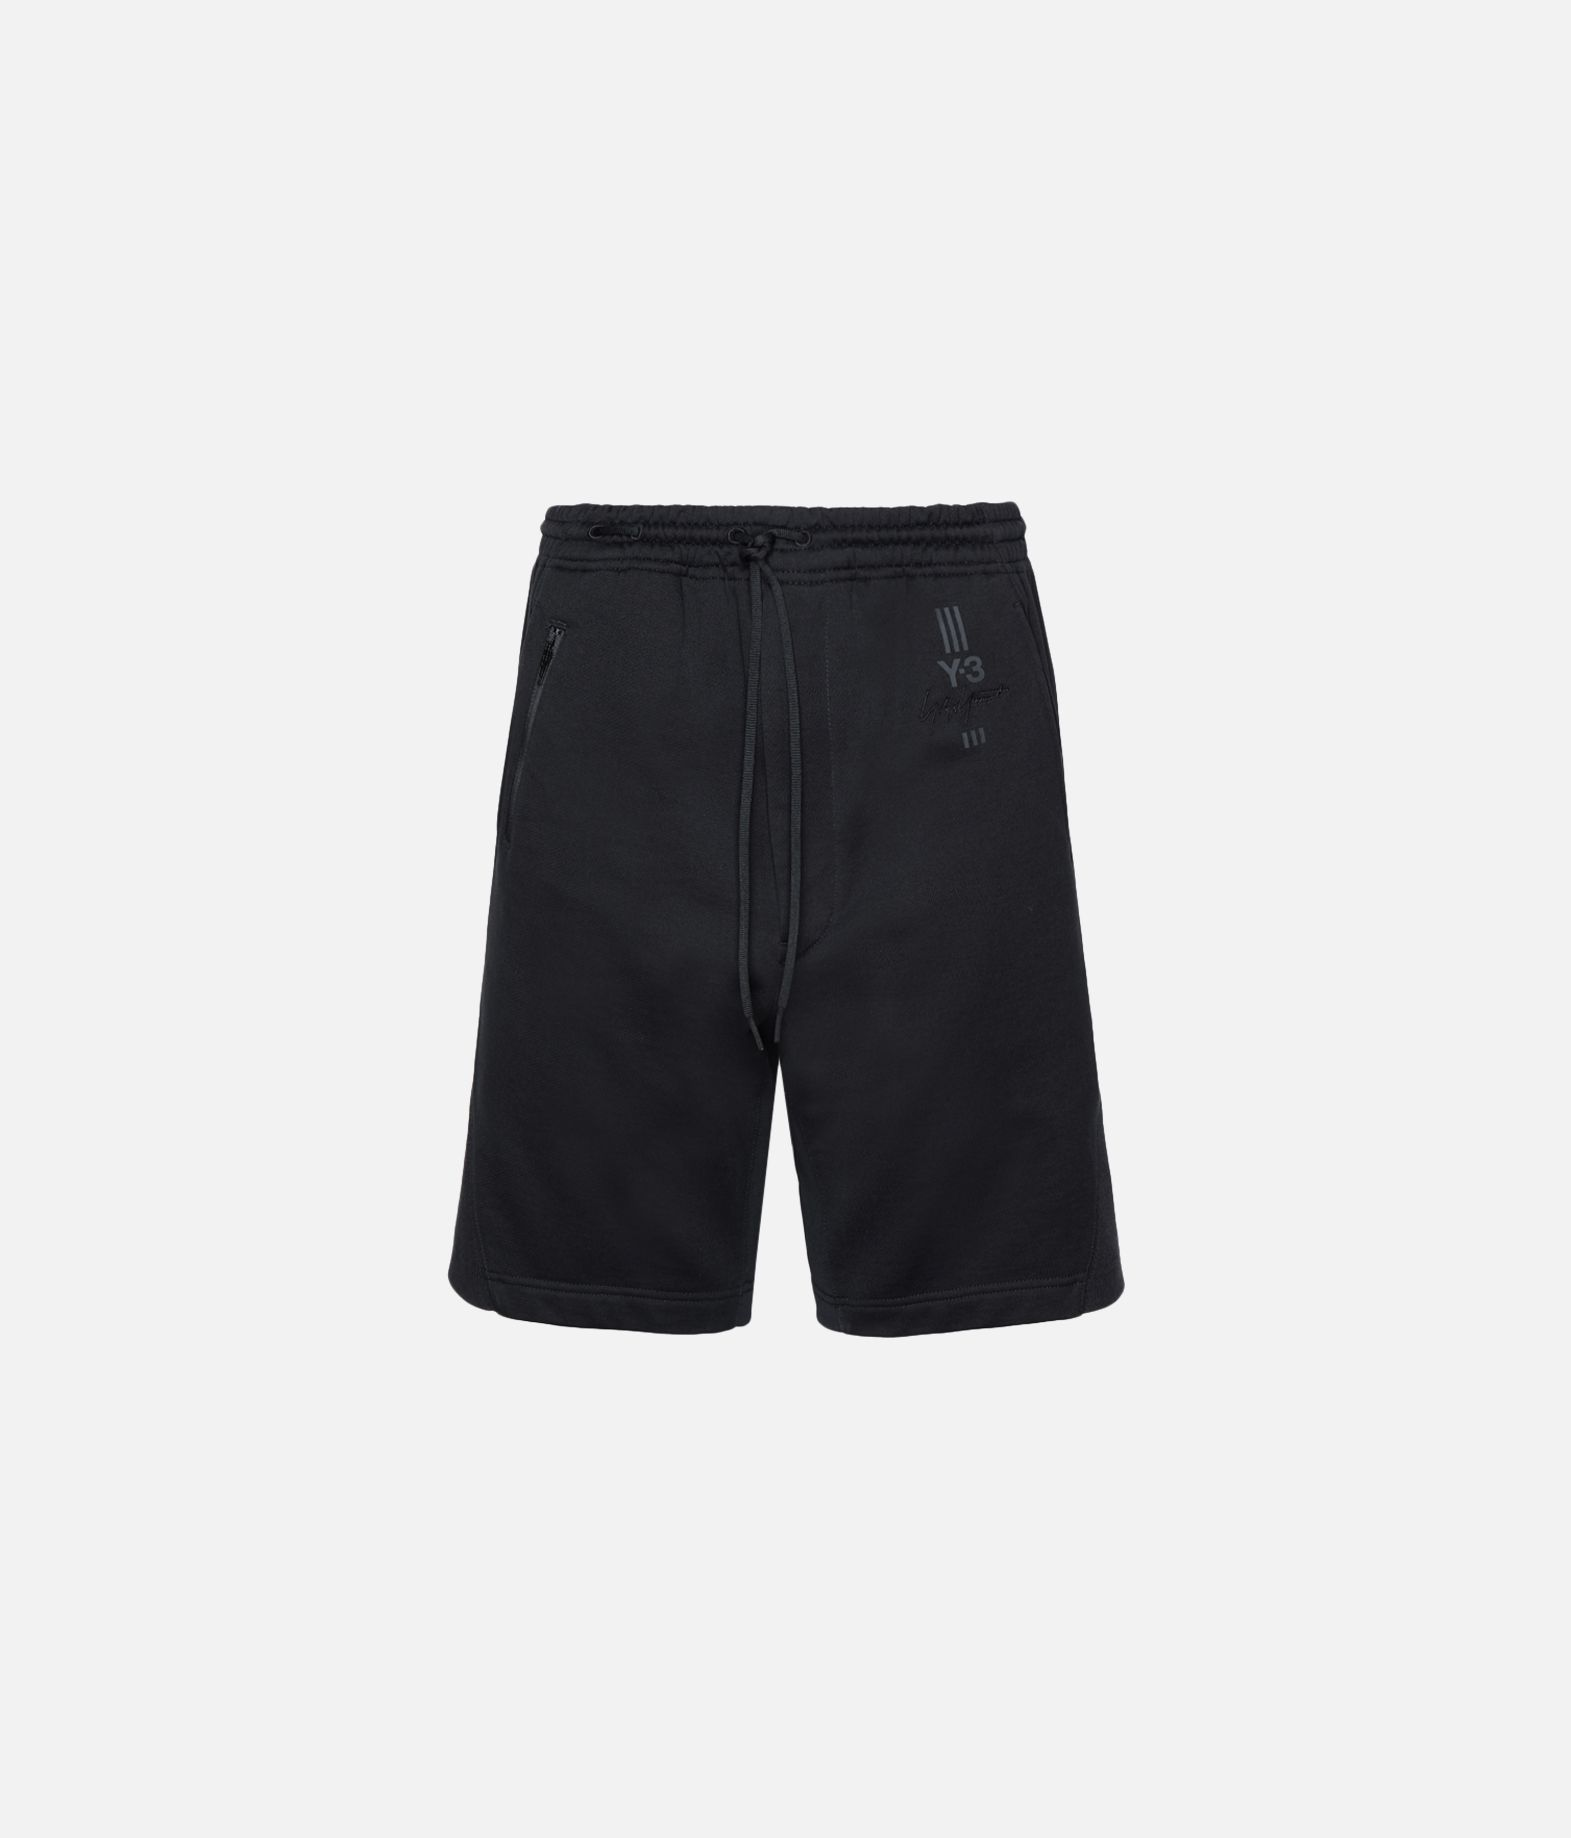 Y-3 Y-3 Classic Shorts Shorts Donna f